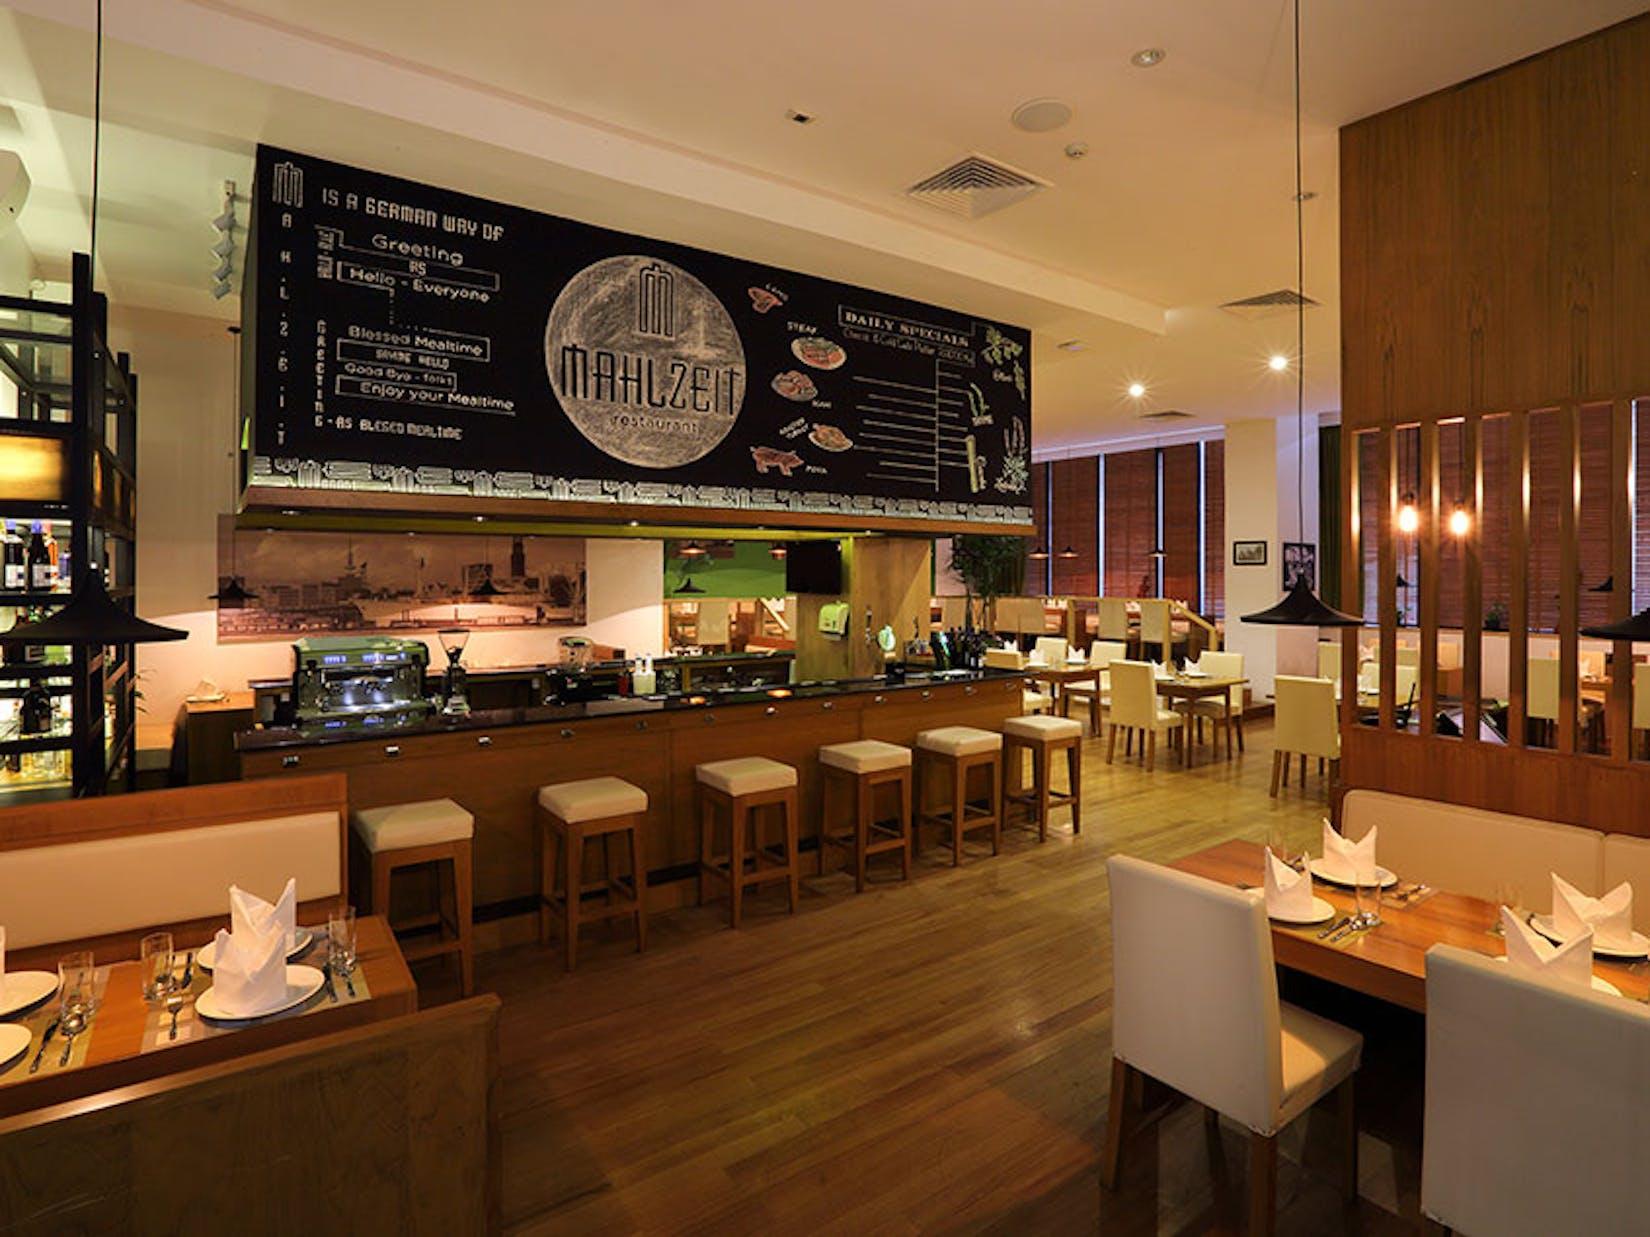 Mahlzeit Restaurant | yathar